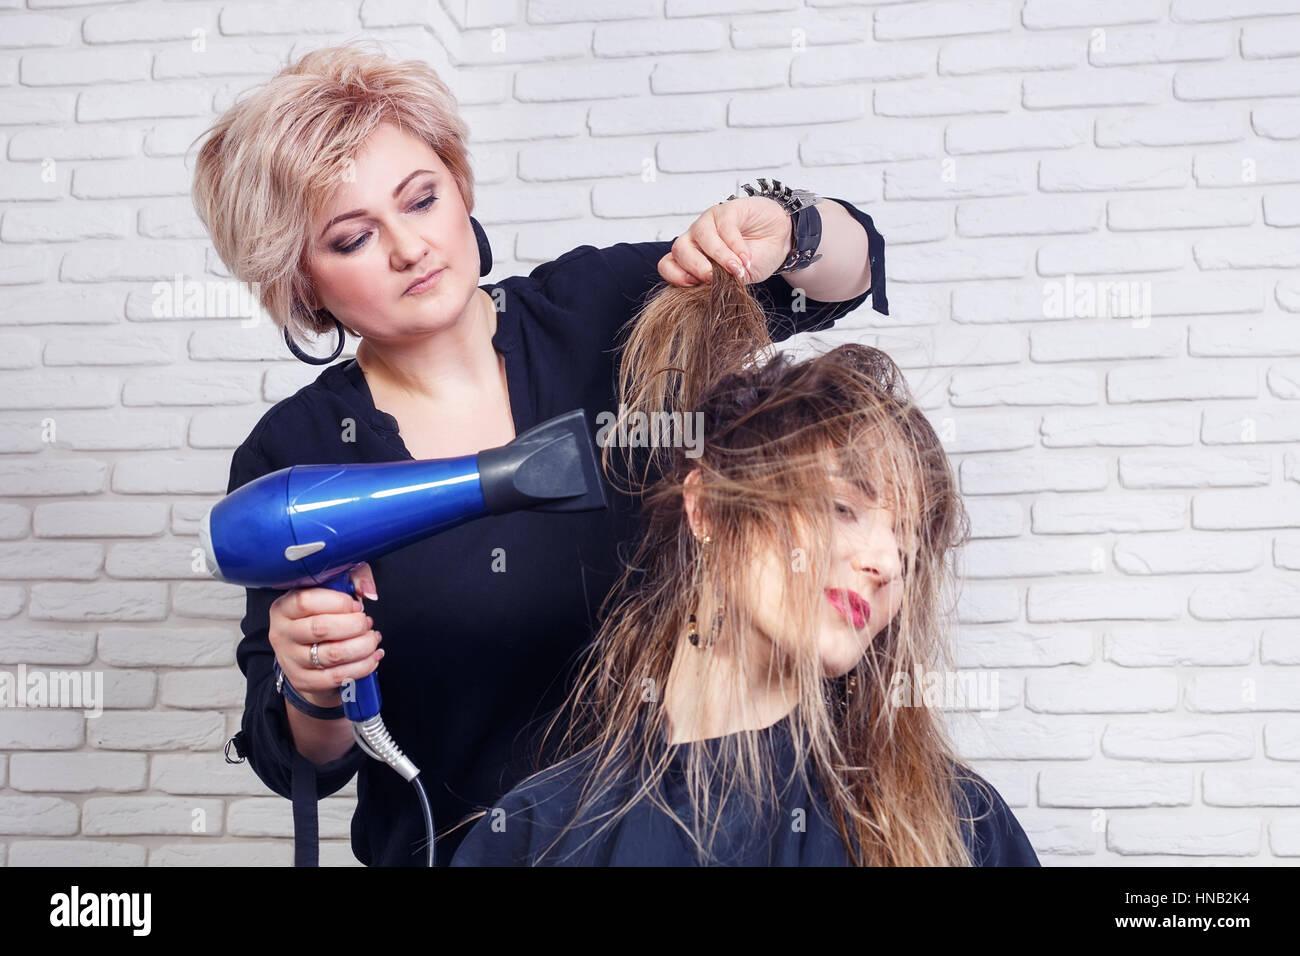 Peluquería cabello secado Imagen De Stock